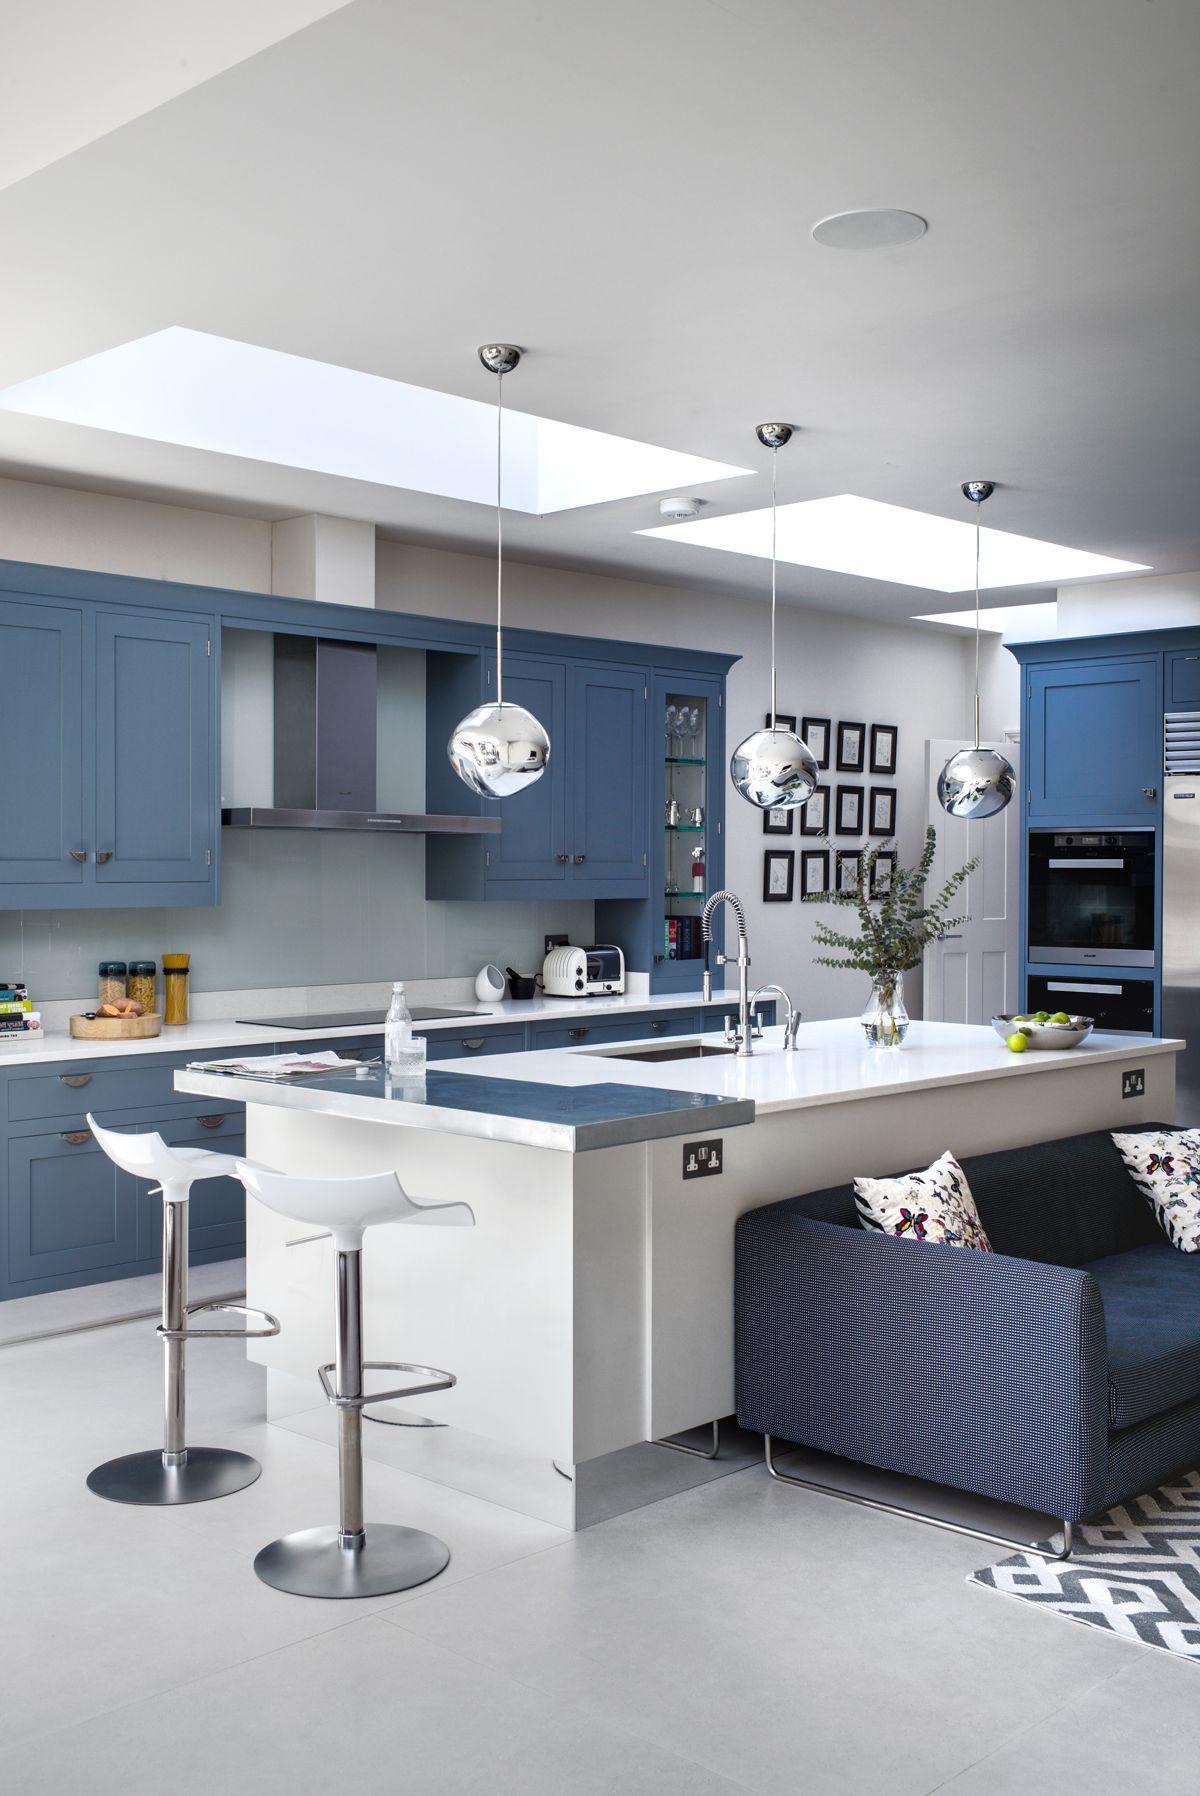 дизайн кухни в 2019 году статьи компании уют стиль